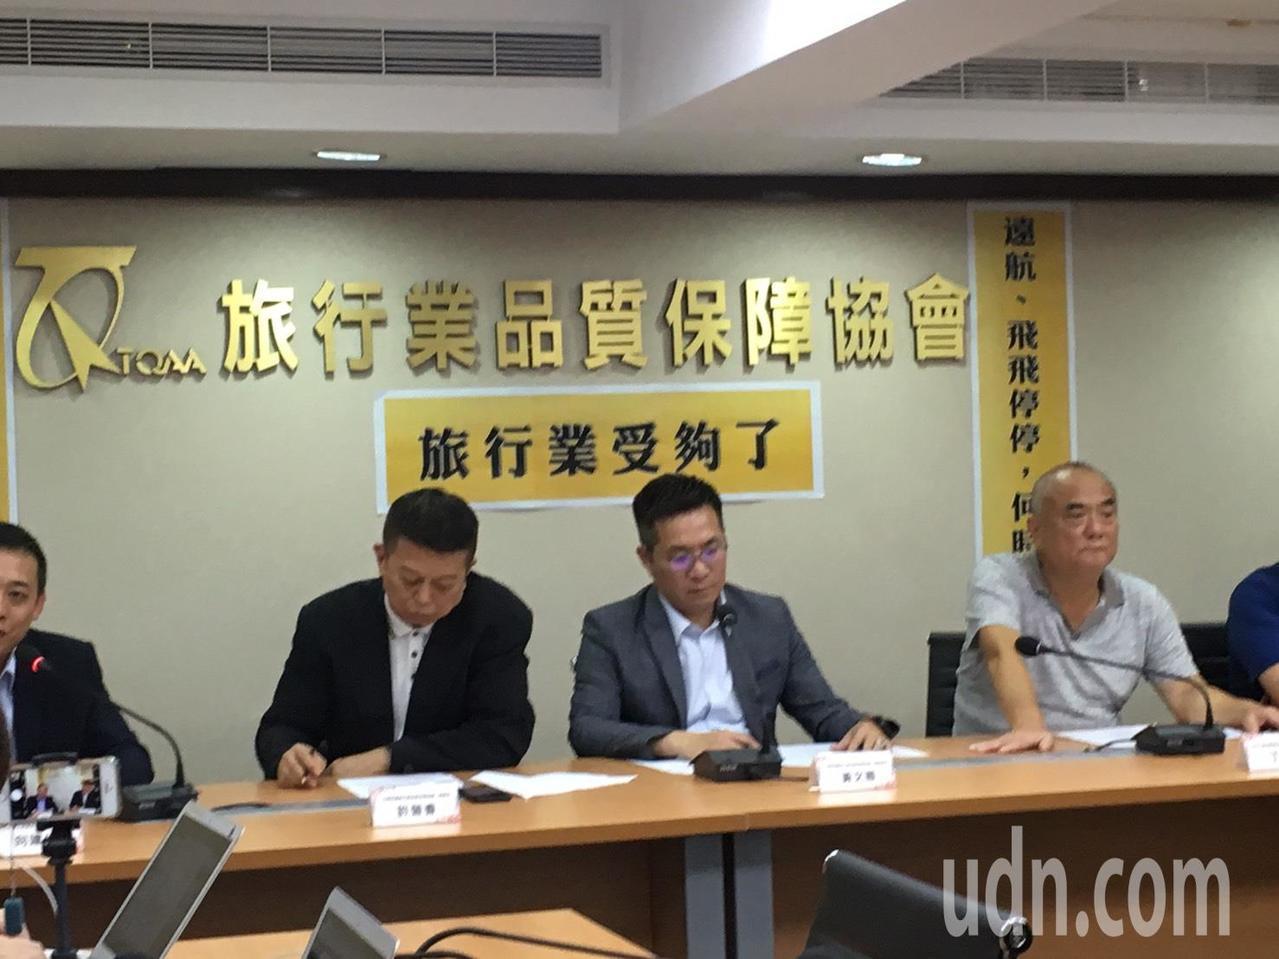 遠東航空無預警停飛三航線,品保協會今天舉辦記者會抗議。記者吳姿賢/攝影